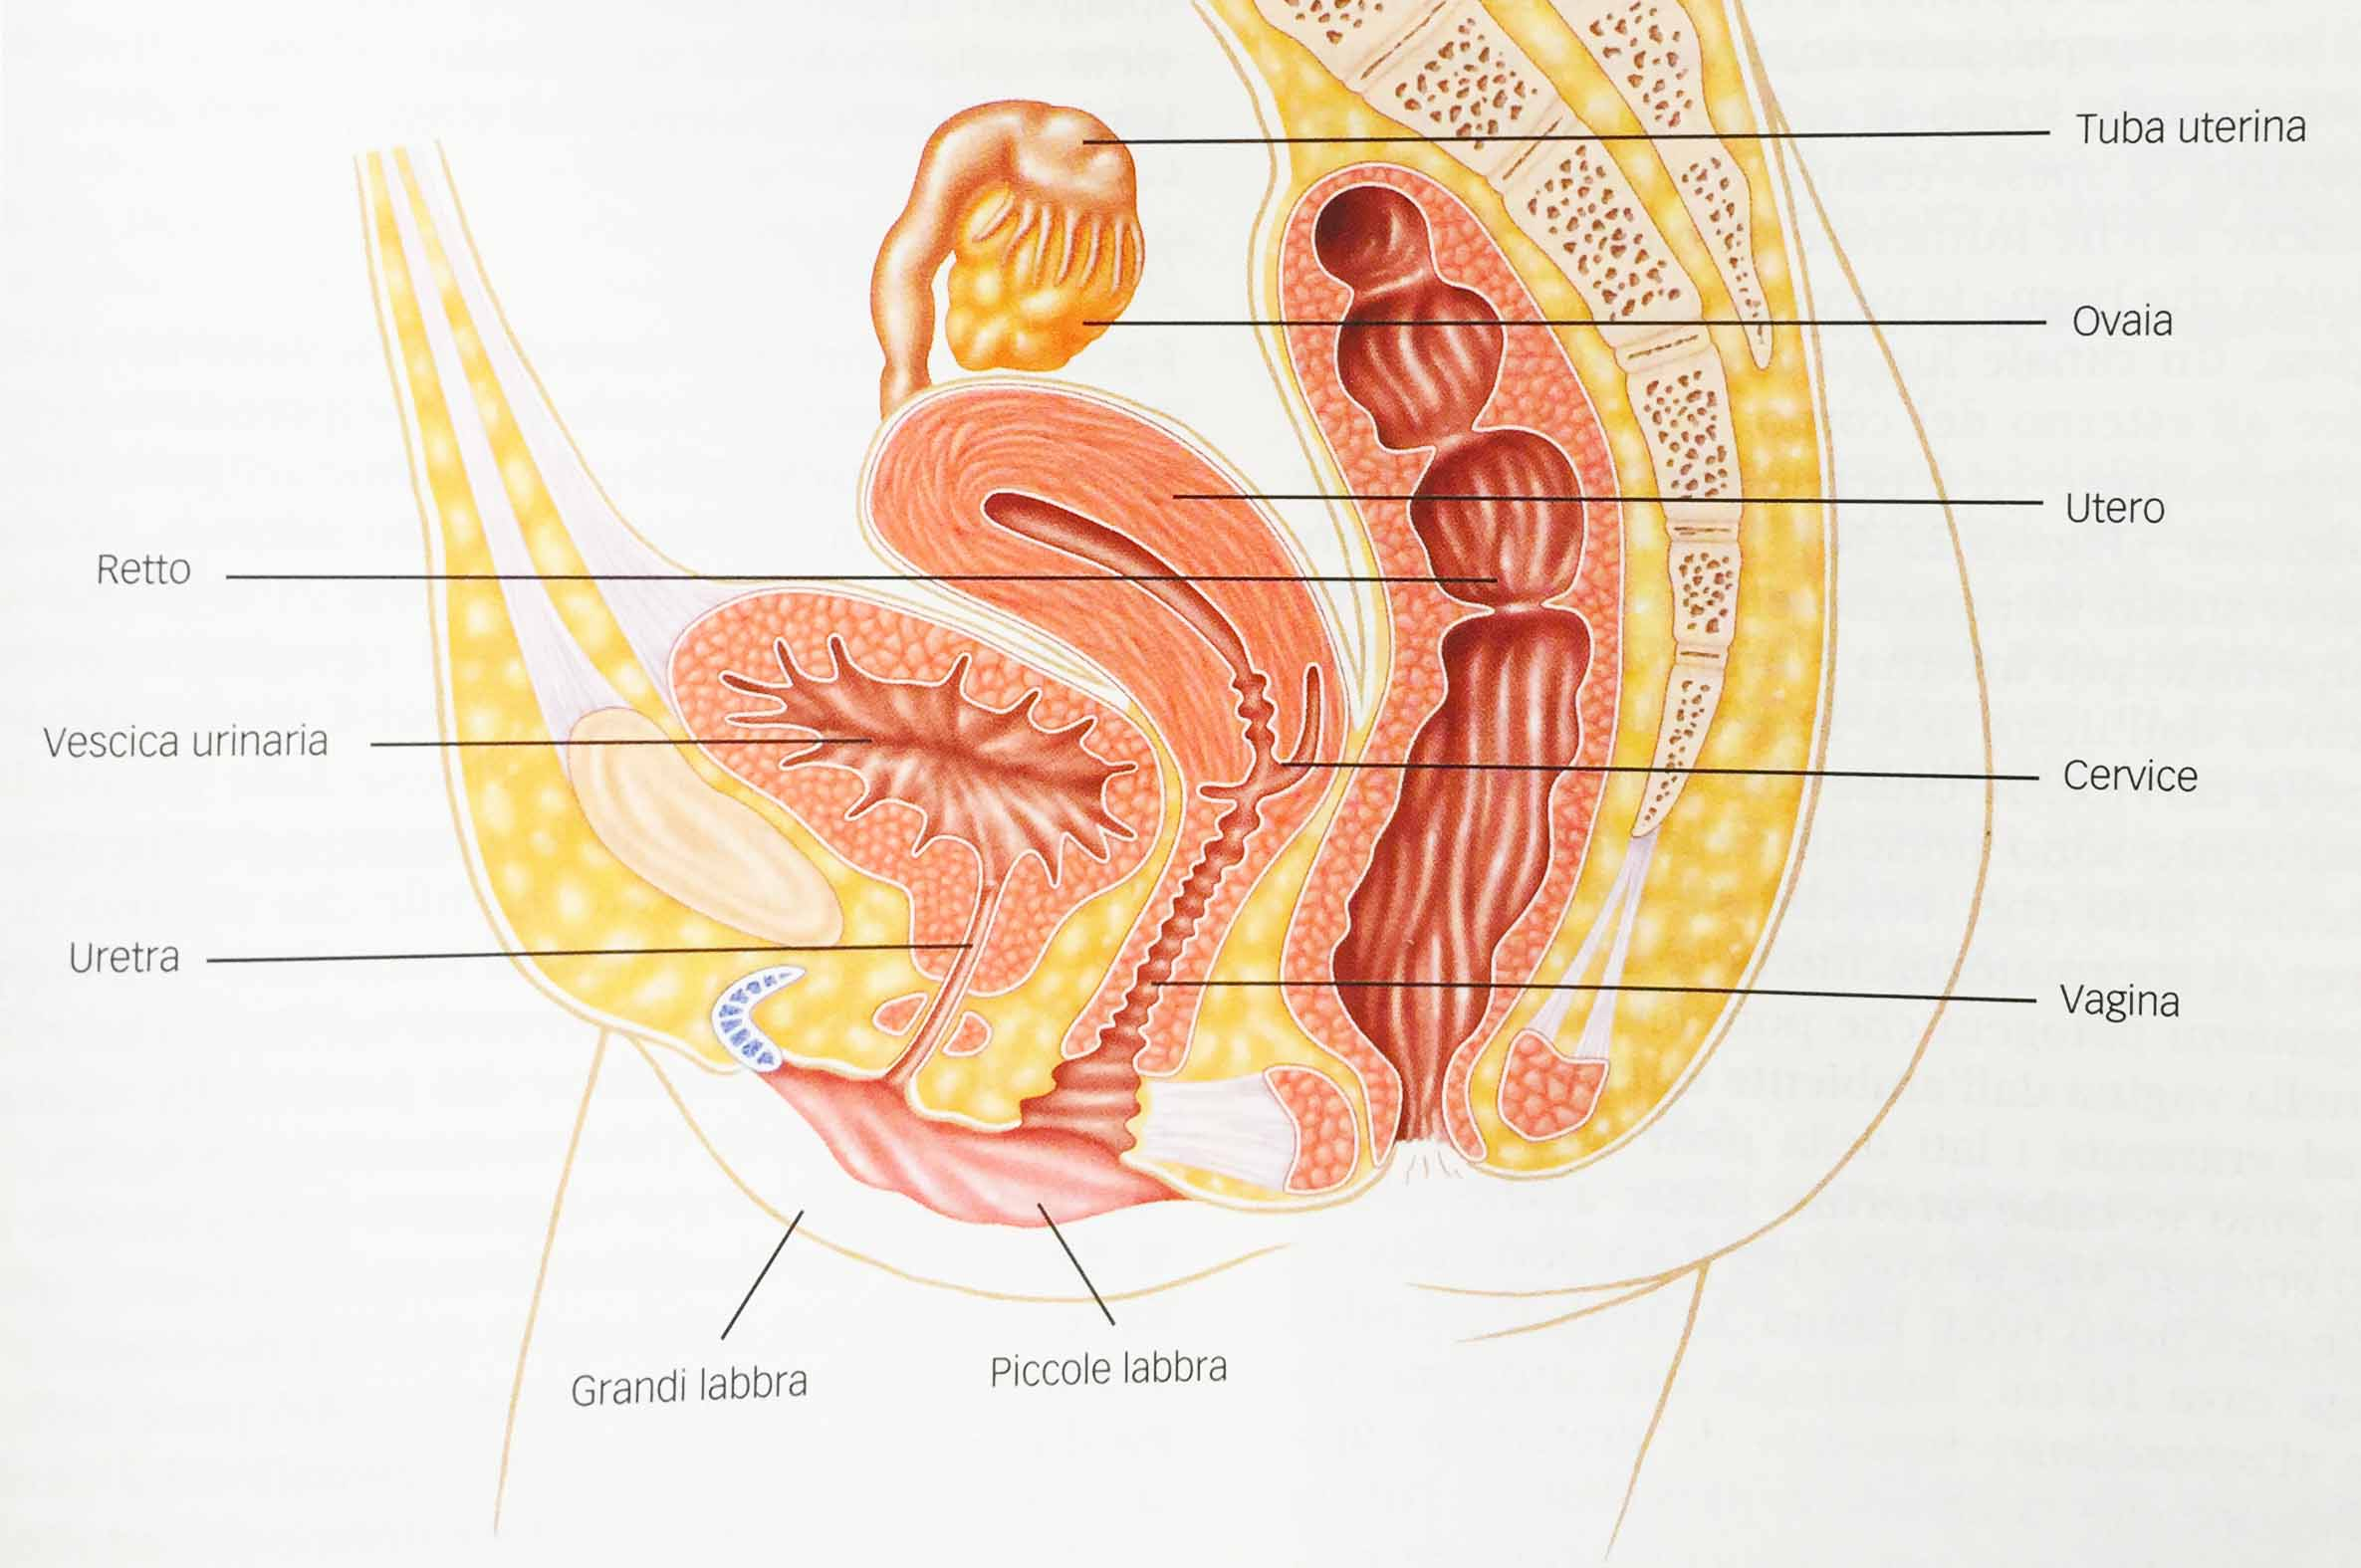 Fig.1 – Sistema riproduttivo femminile. Sezione sagittale che mostra i principali organi riproduttivi - Ciclo mestruale